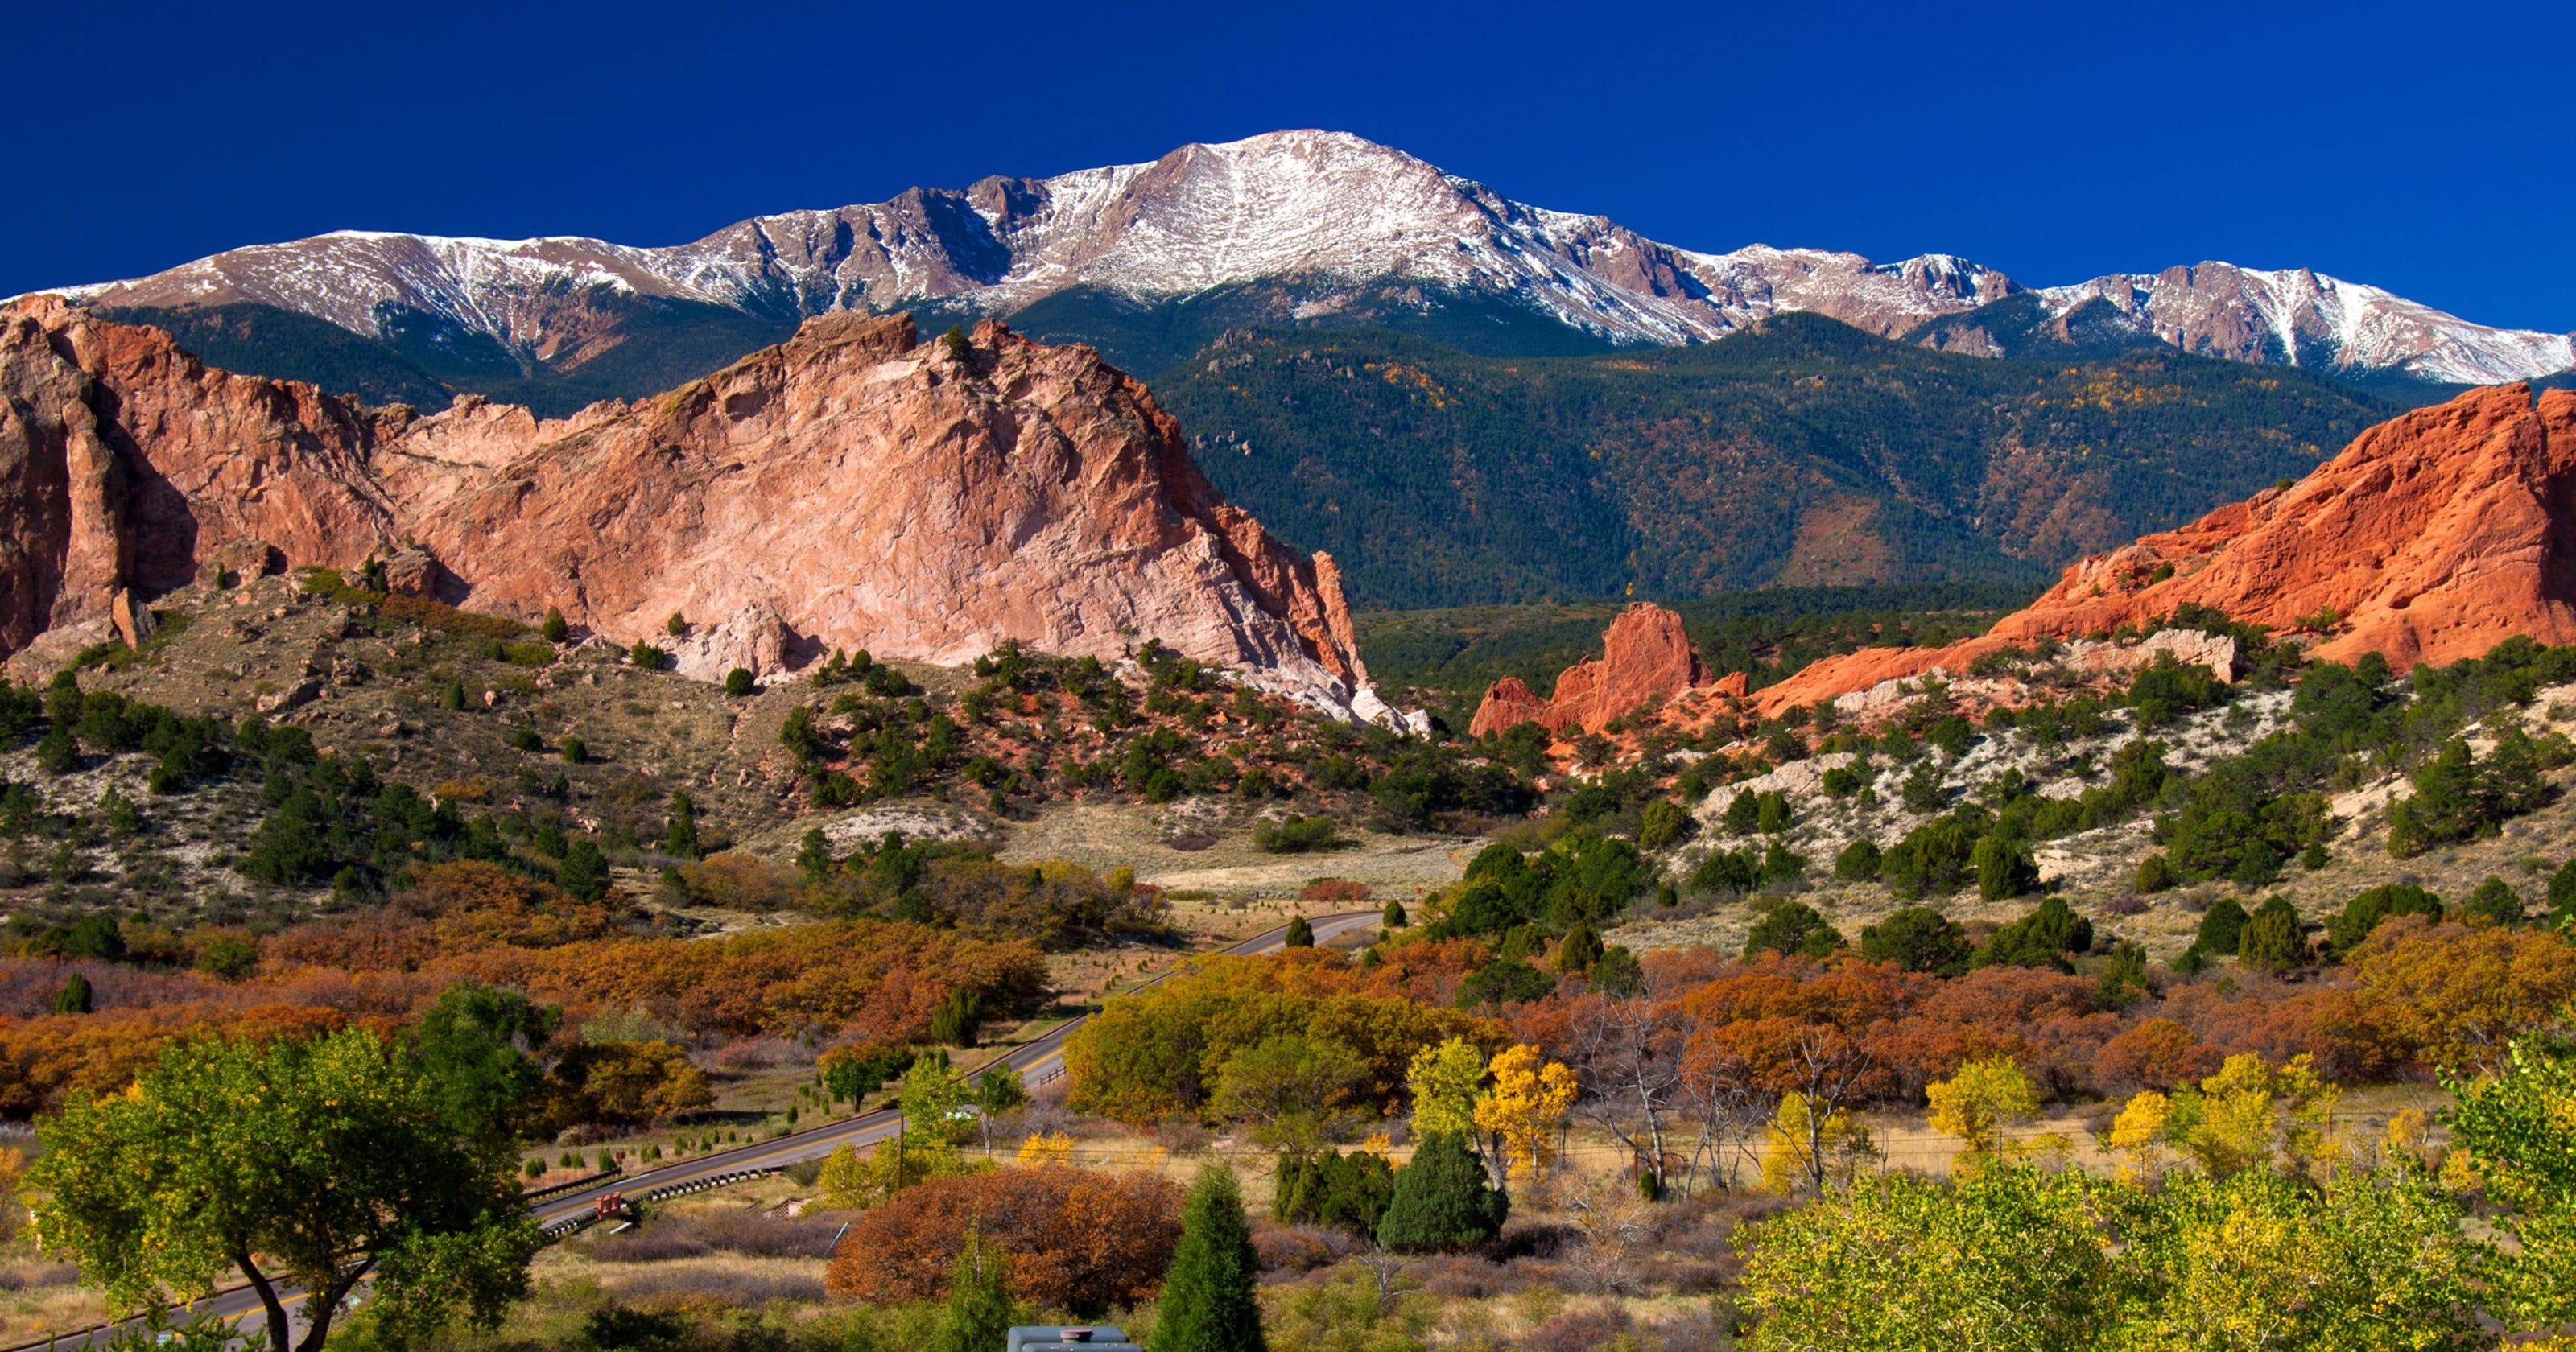 Purple mountain majesty: Beautiful views of Colorado\'s Pikes Peak